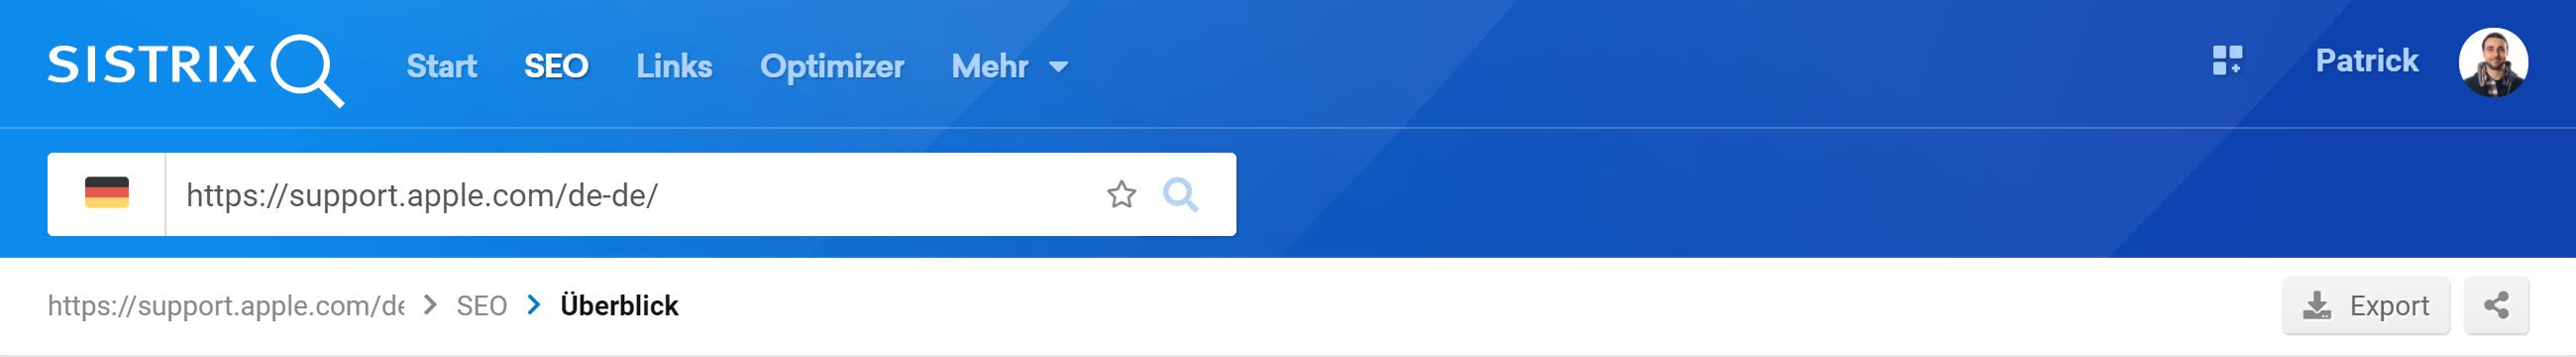 Top-Navigation der SISTRIX Toolbox mit Suchleiste. Dort ist ein Verzeichnis auf support.apple.com eingegeben.